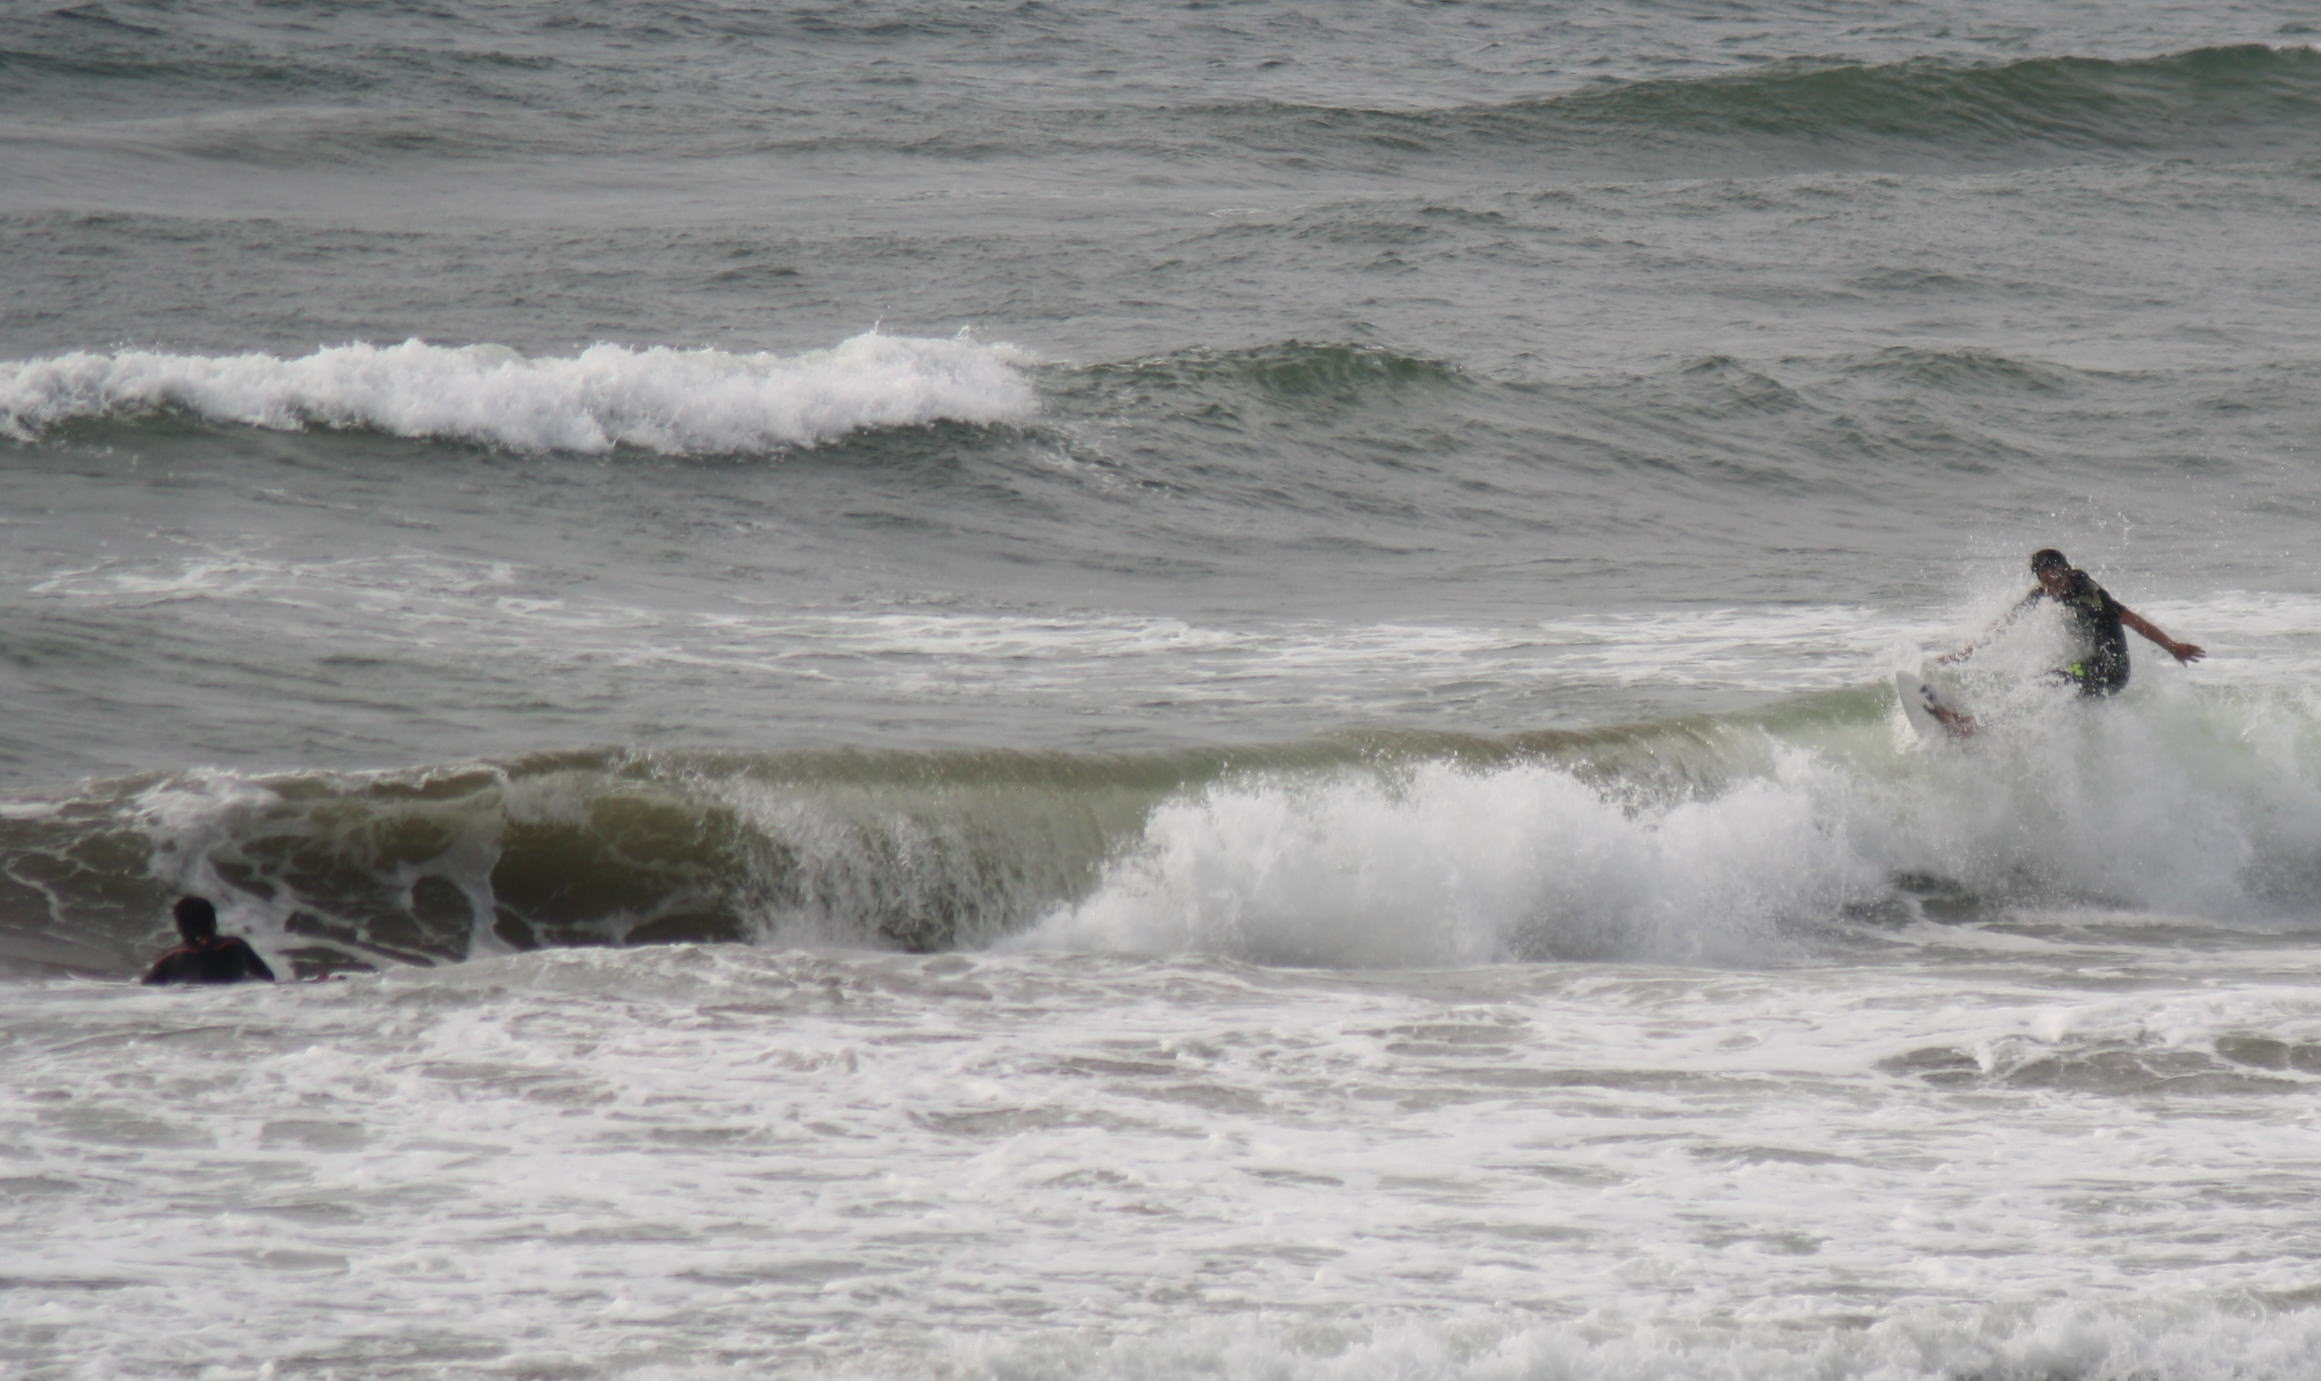 「サーフィンとフラダンスが似合う家」@内灘_b0112351_1544289.jpg